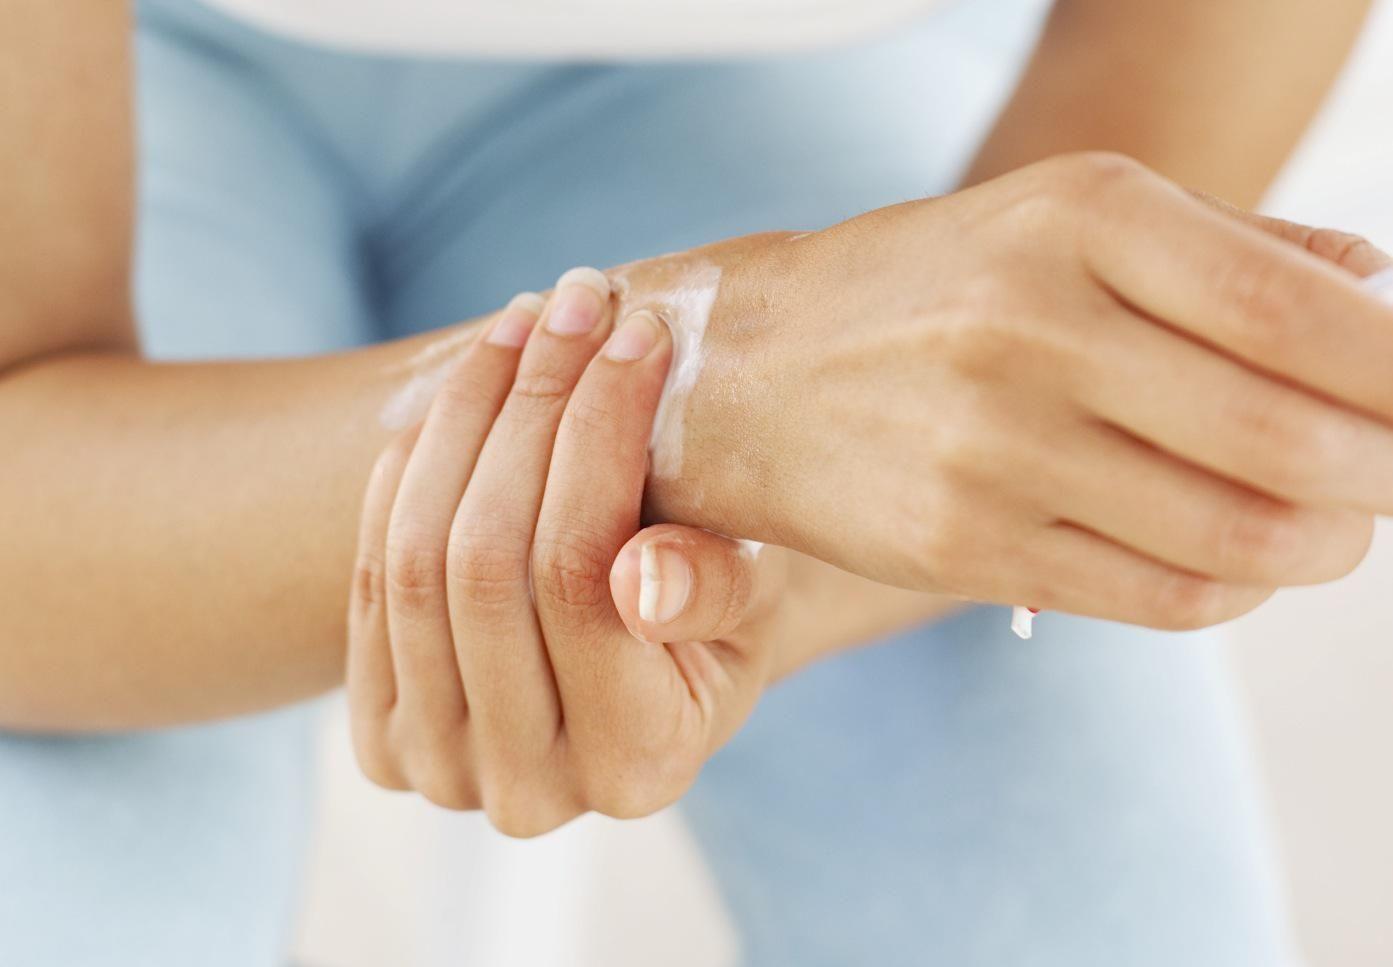 miért jelennek meg ízületi fájdalmak